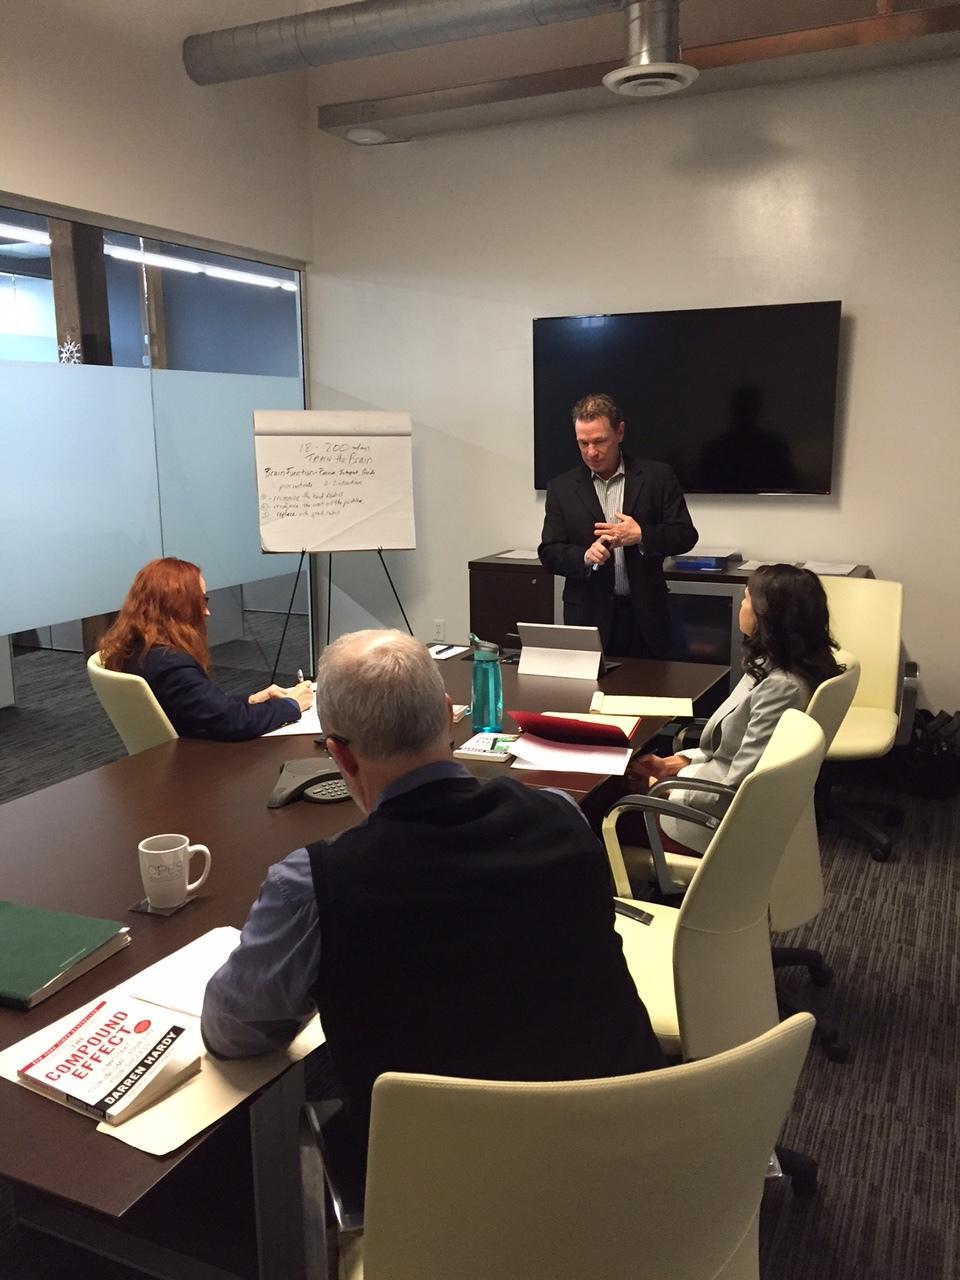 Workshops - Michael D Morrison Enterprises